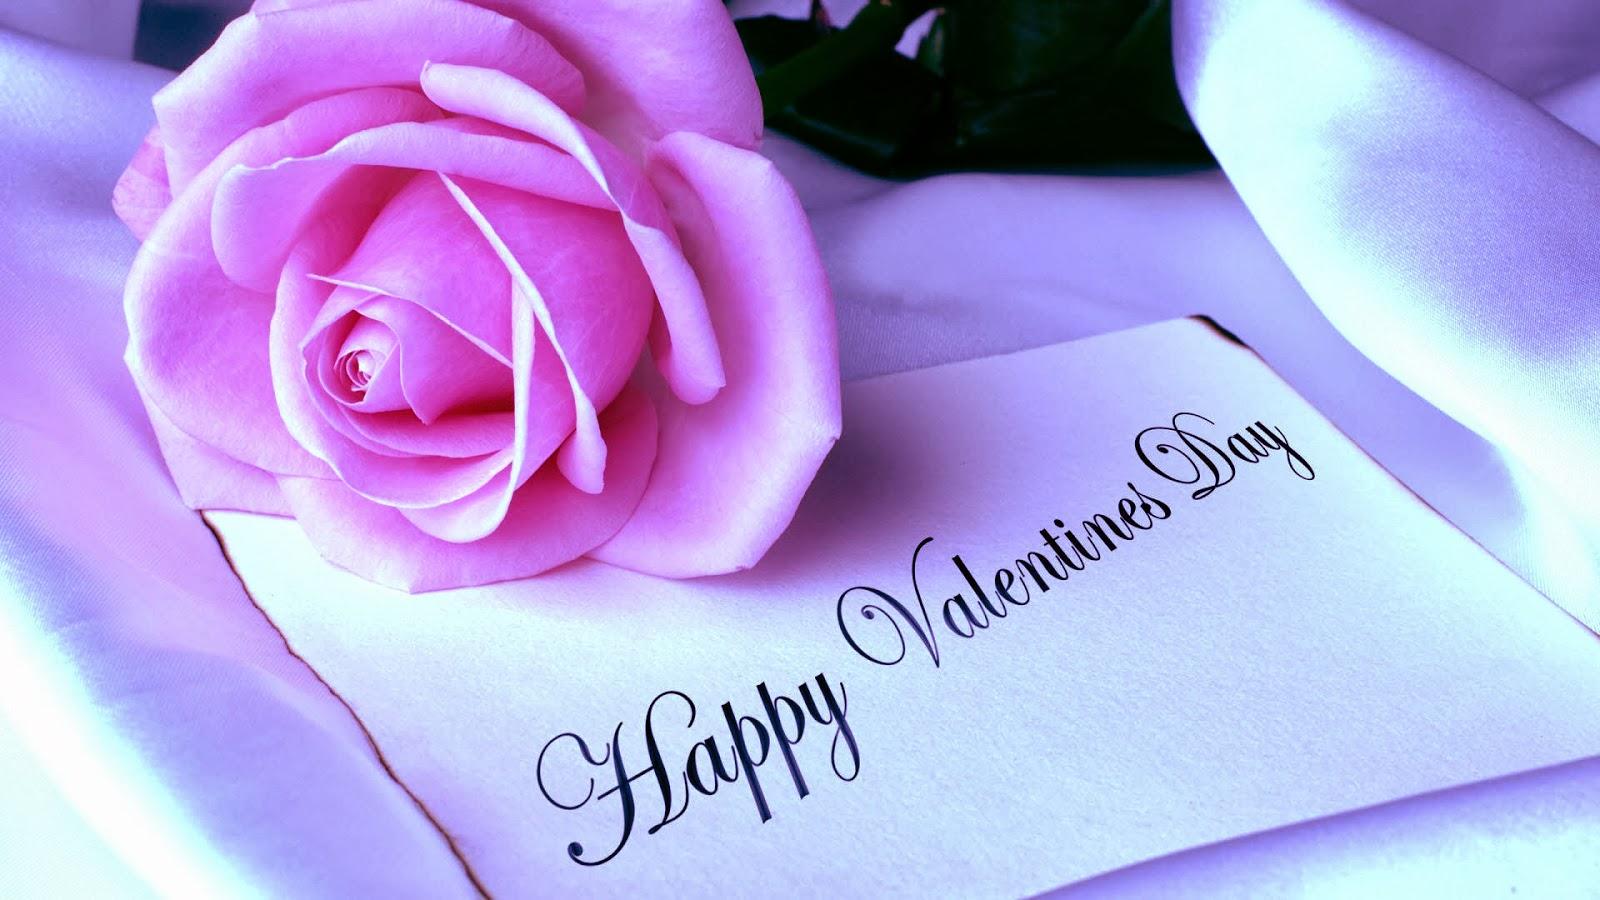 Kumpulan gambar kartu ucapan valentine days terbaru